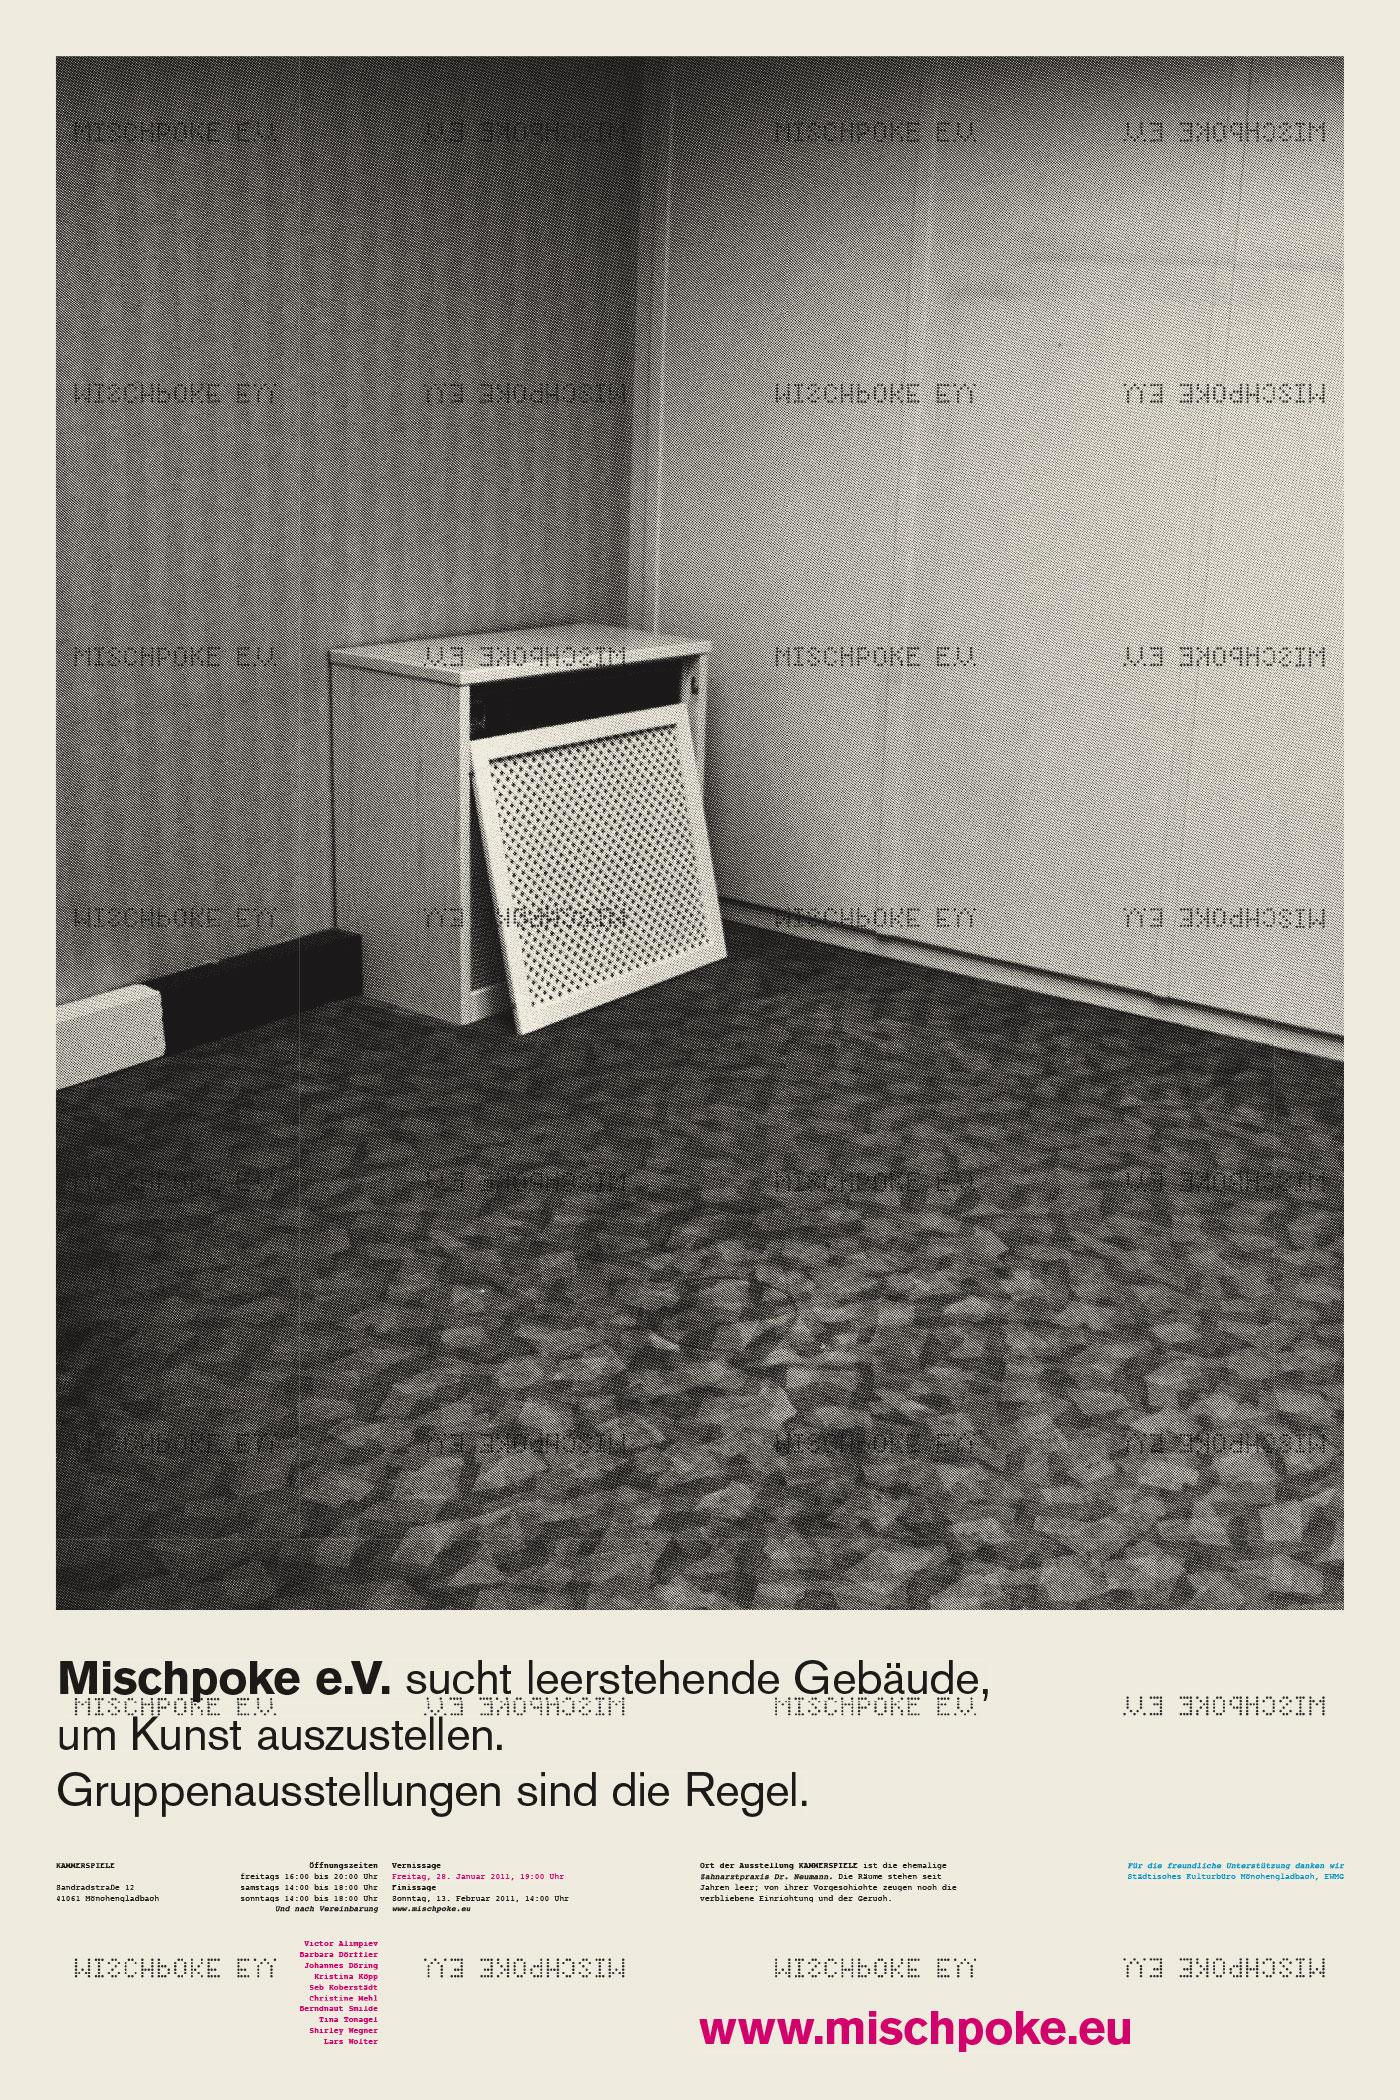 Corporate Design > Plakat für die Ausstellung Kammerspiele, Mischpoke e.V.